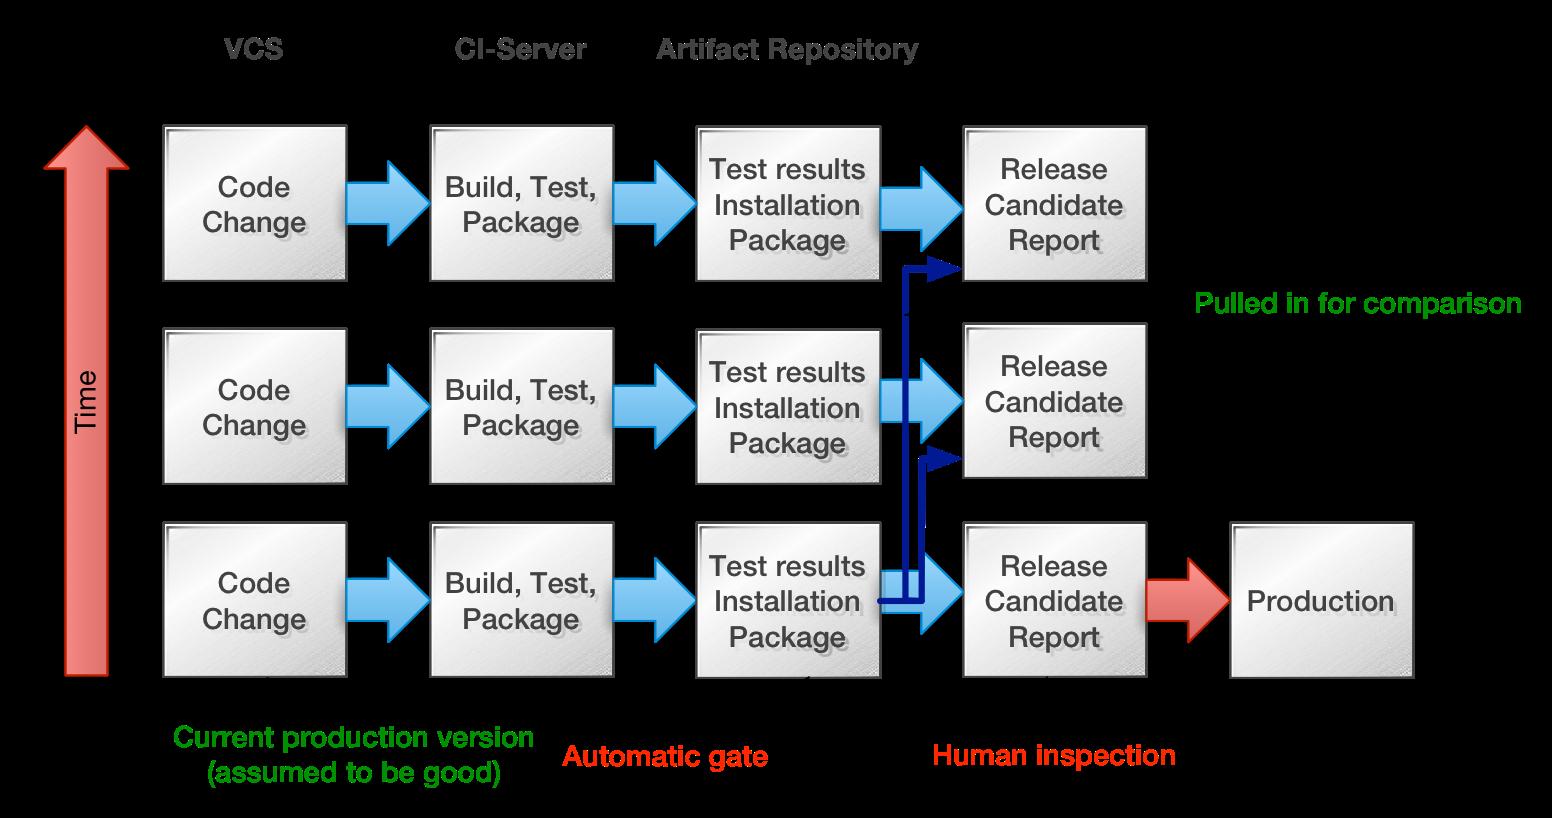 ci-release-report